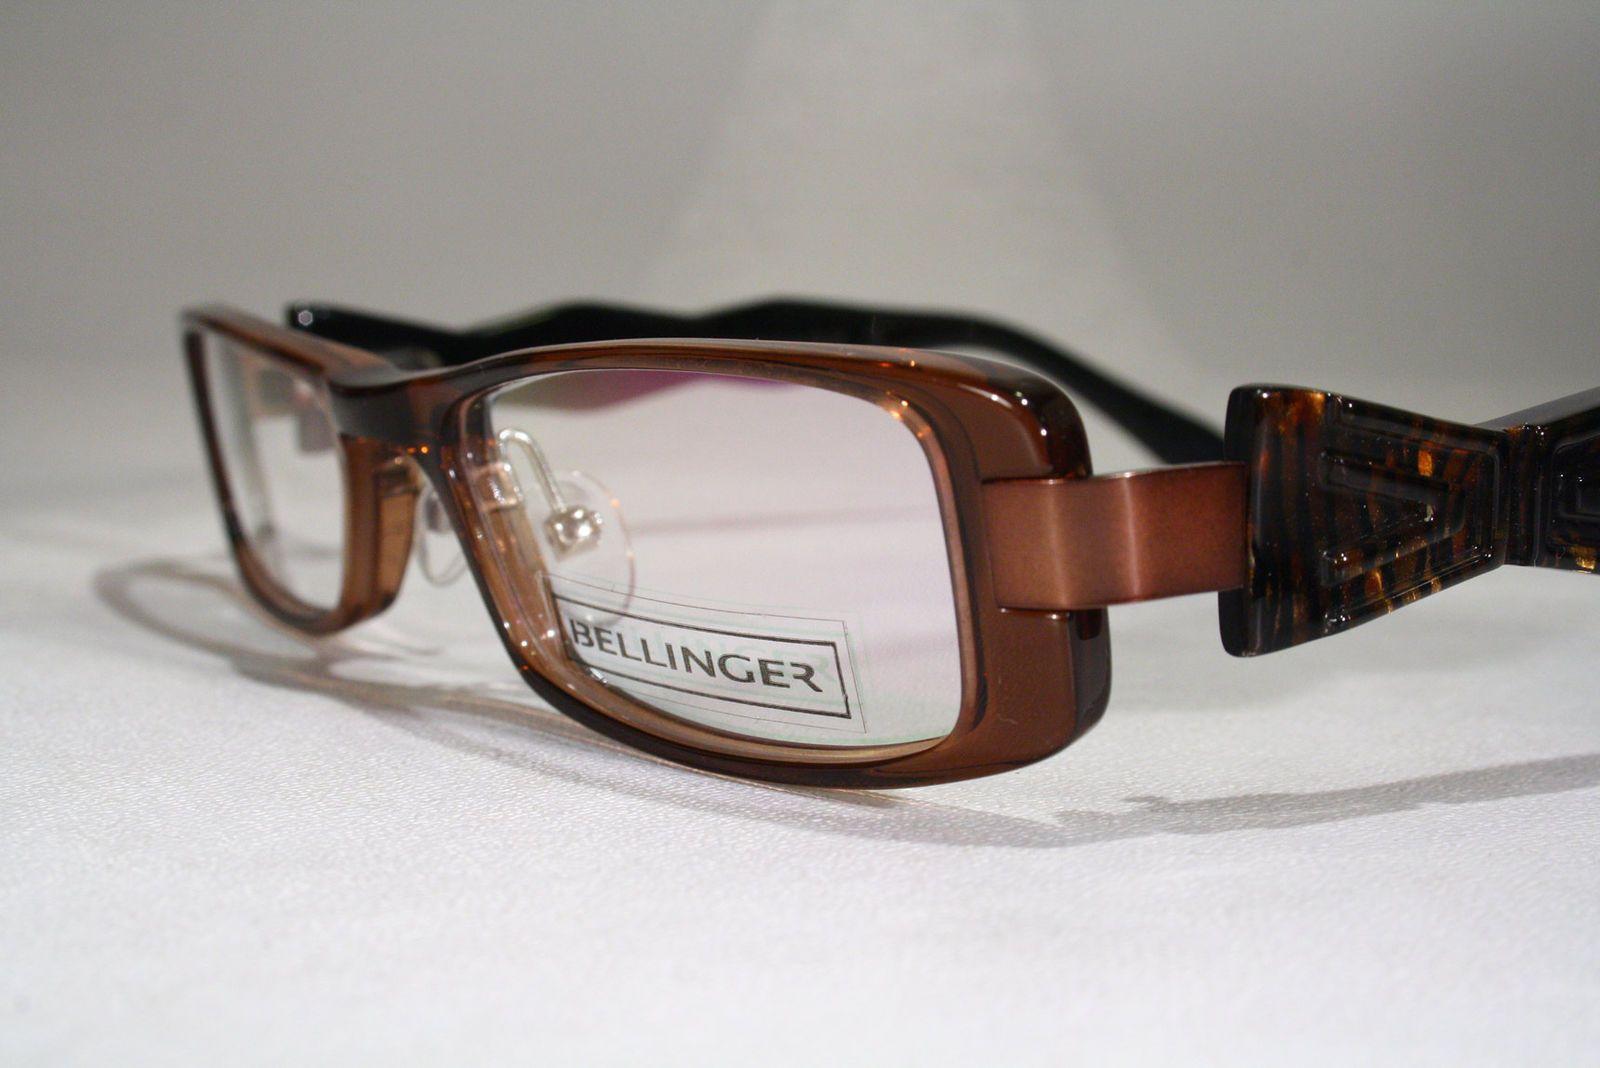 About Details Bellinger Danish Brown Frames Eyeglass Transparent SMzpqVU